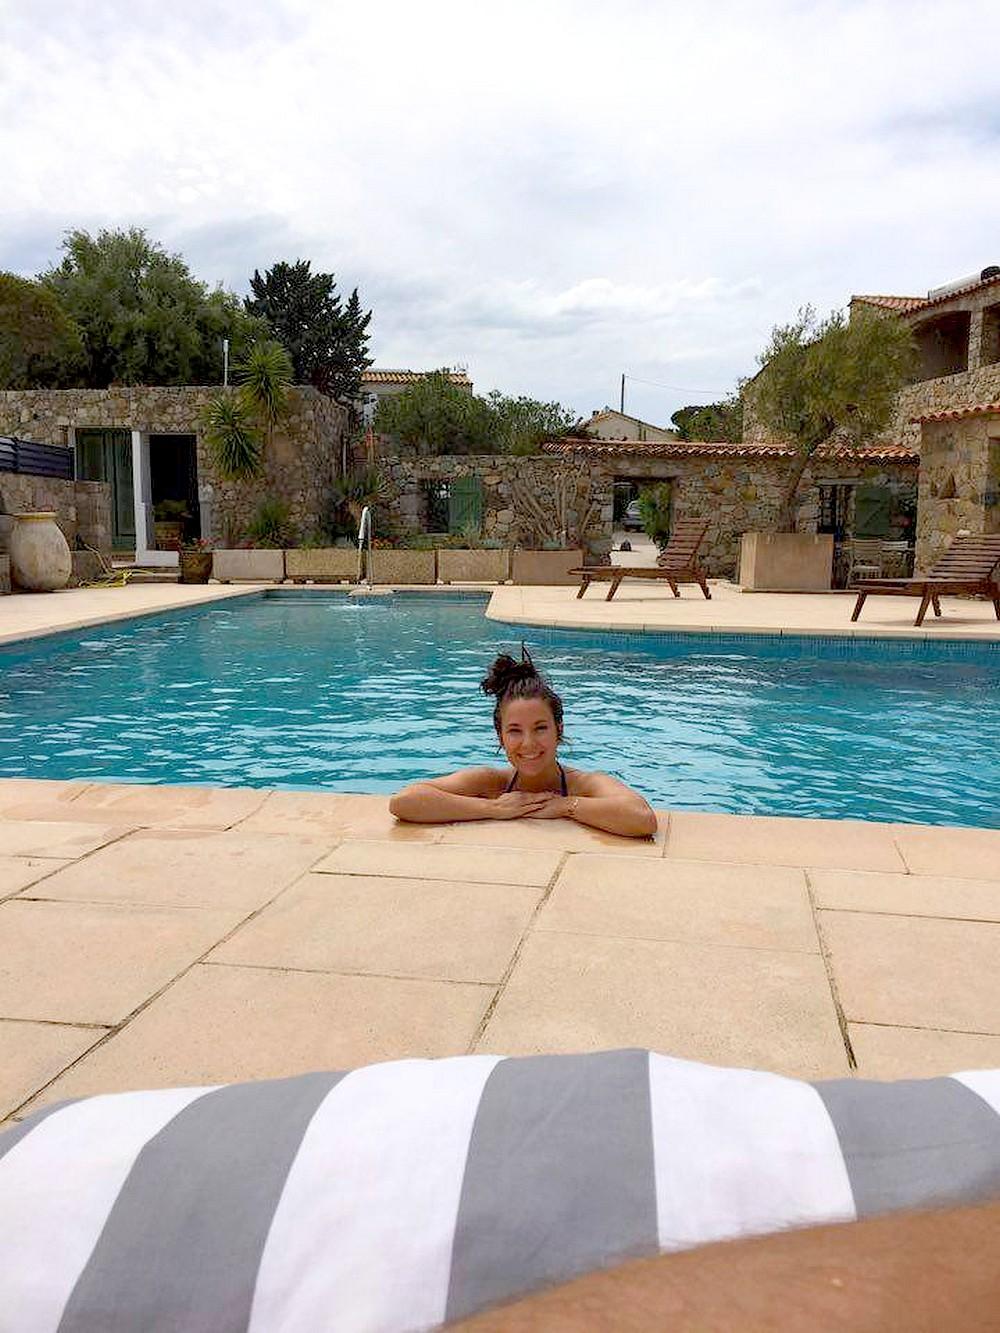 HOTEL ILE ROUSSE CORSE L'HACIENDA BLOG VOYAGE TOURISME 38